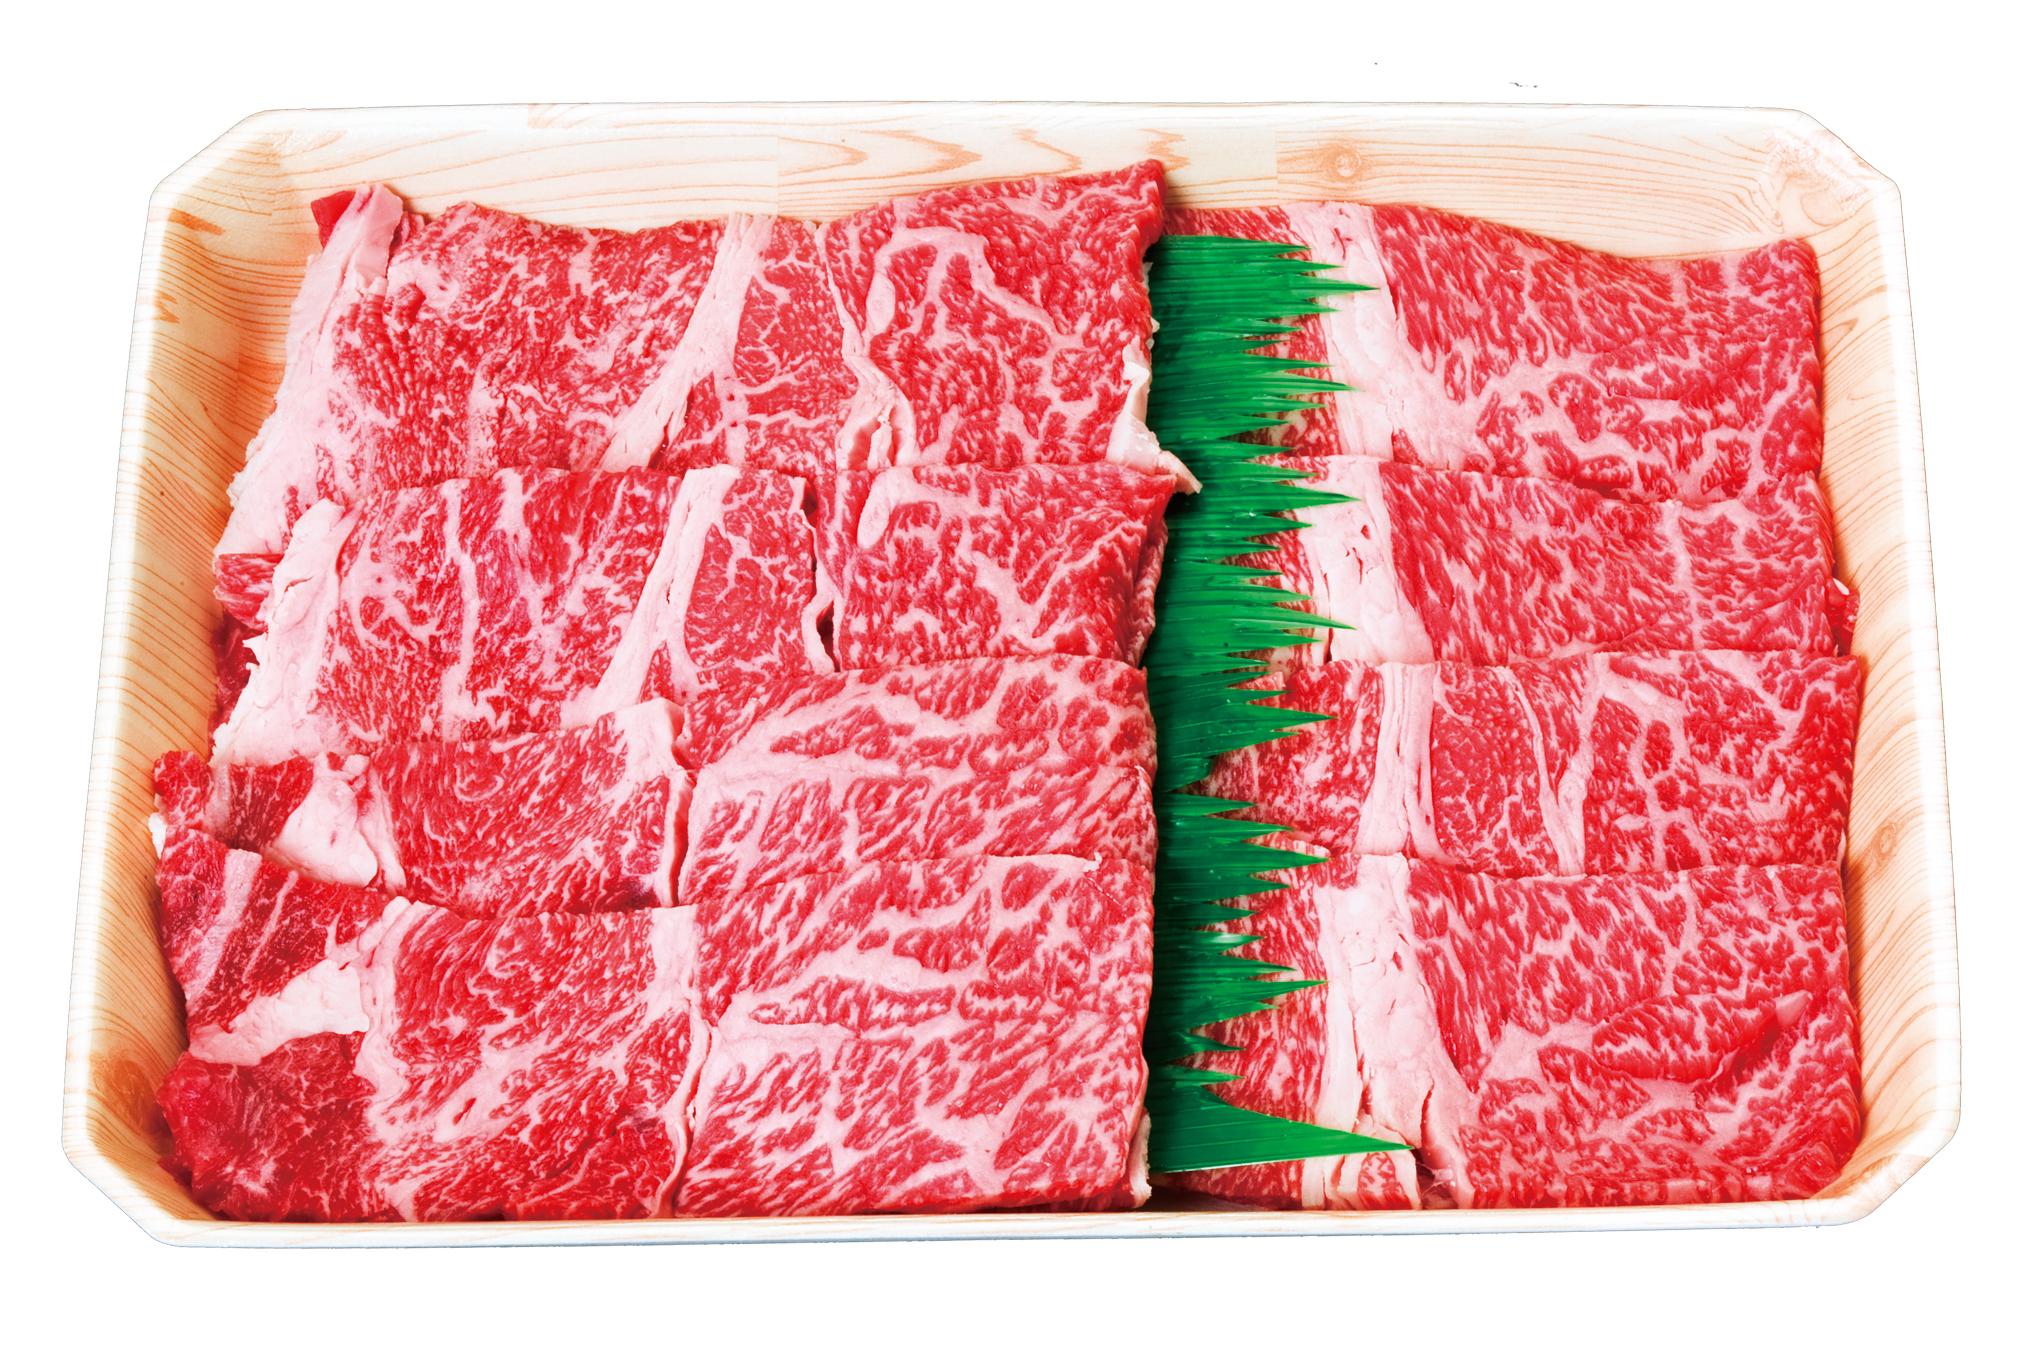 旭志牛上肩ロース焼肉用(450g)